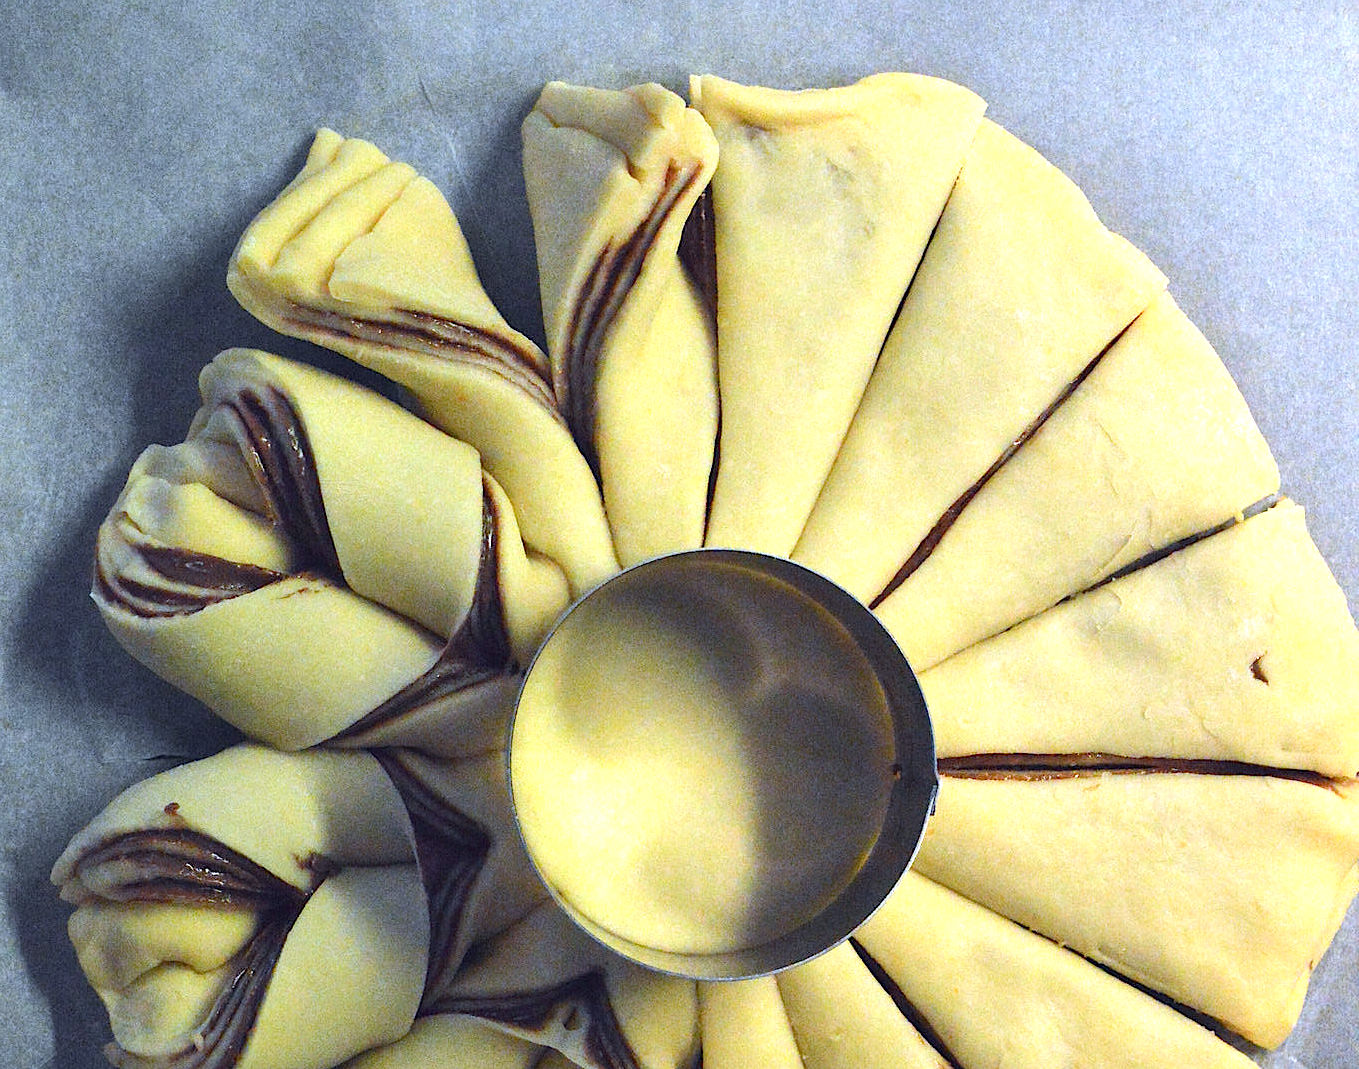 Fiore di pan brioche alla Nutella Bimby TM31 | TM5